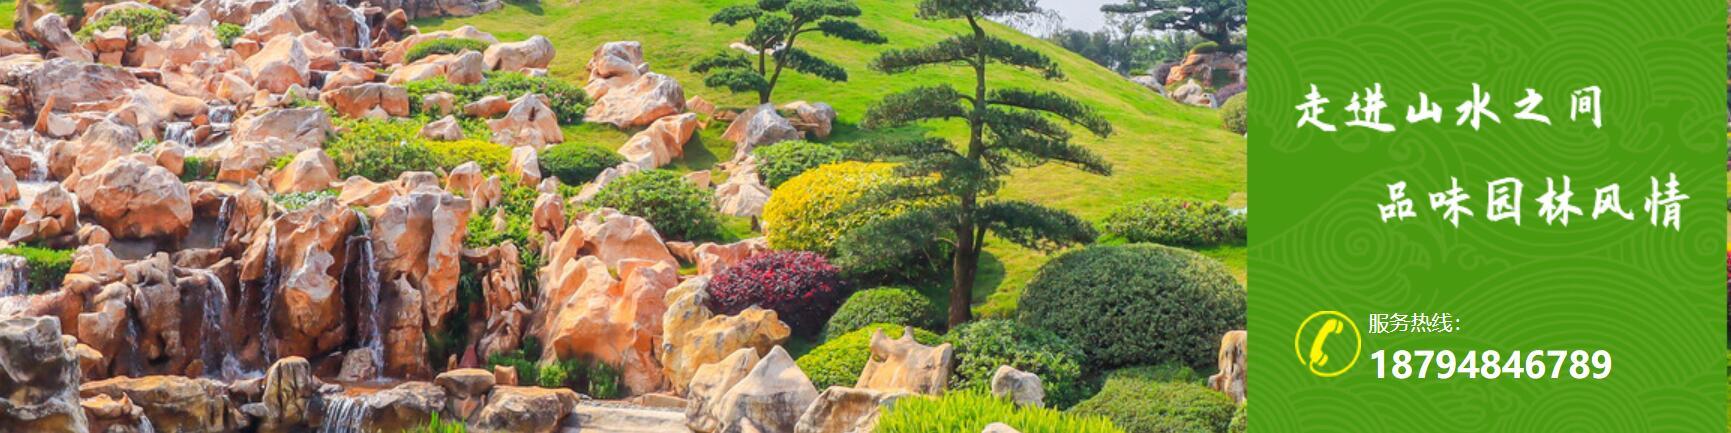 塑石假山甘肃|兰州水泥假山喷泉的成本有多少?专业人士来解读!